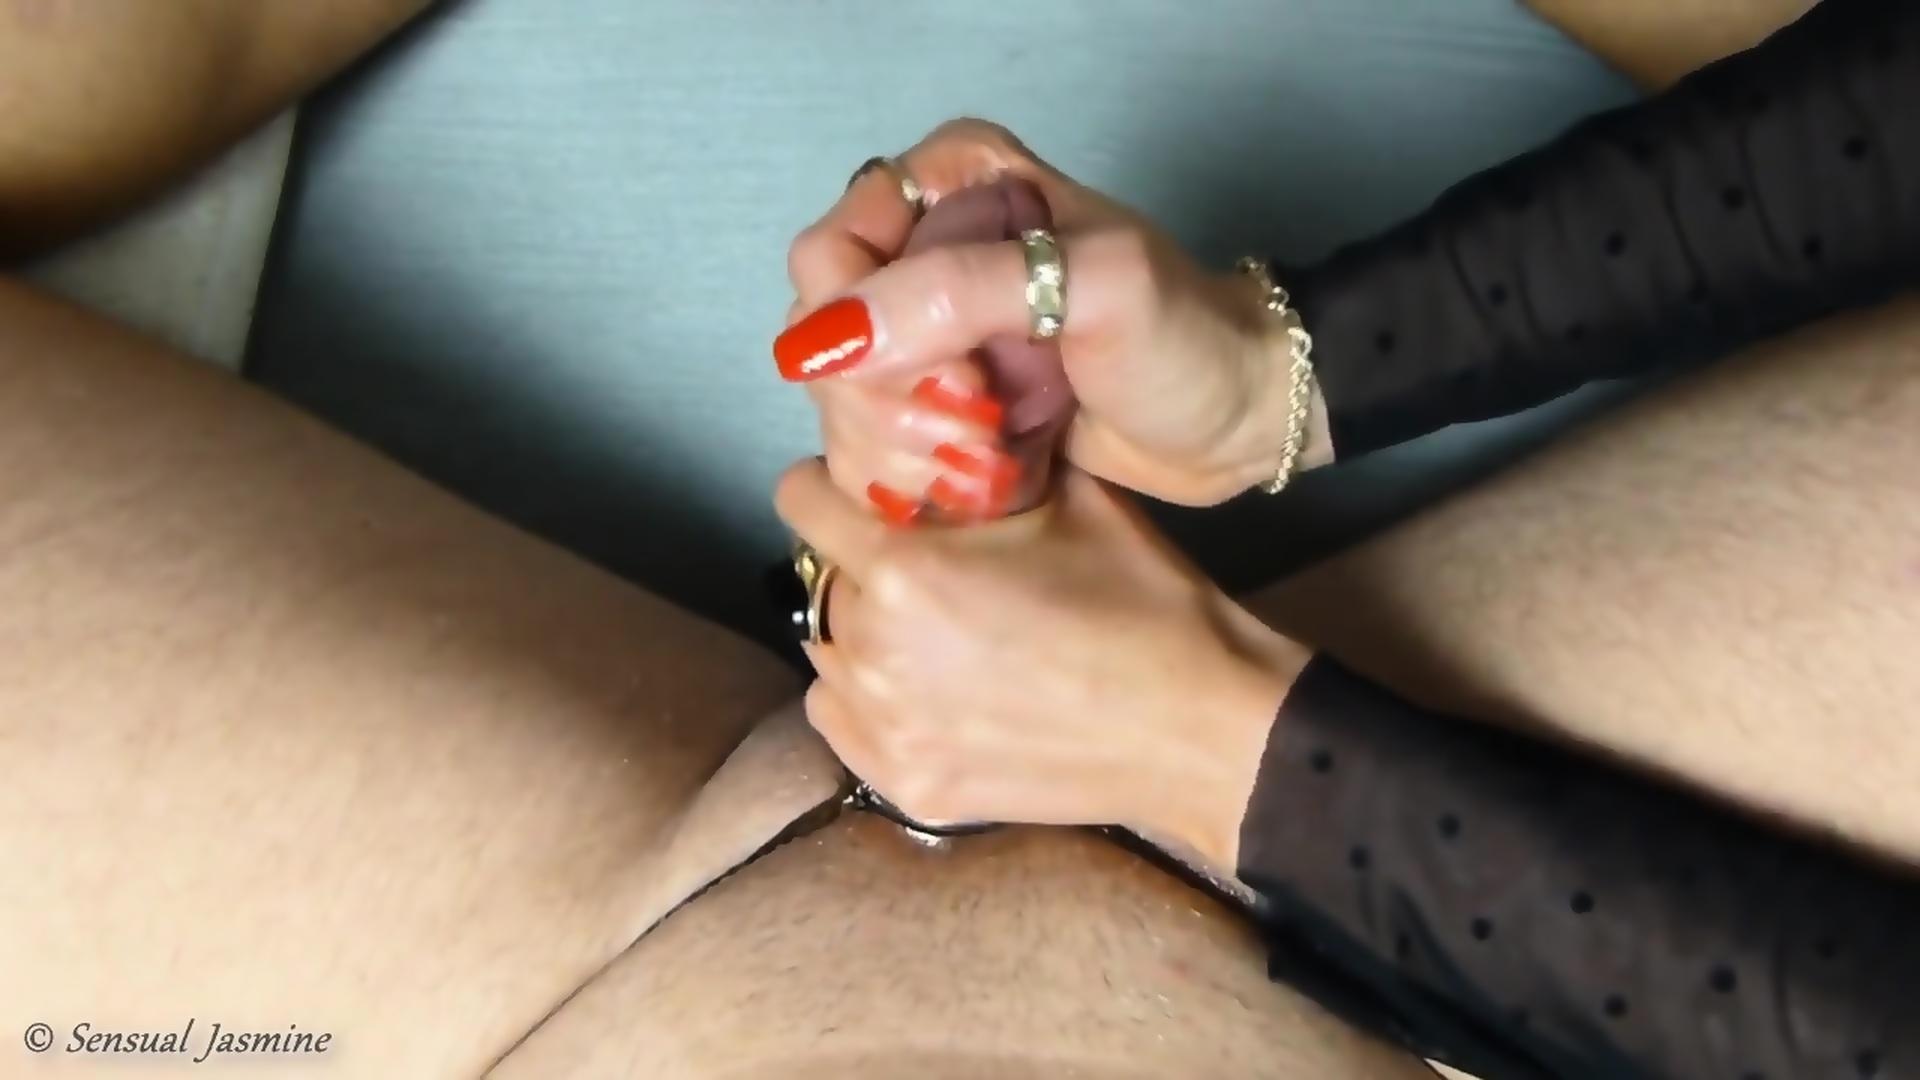 Lingam Porn